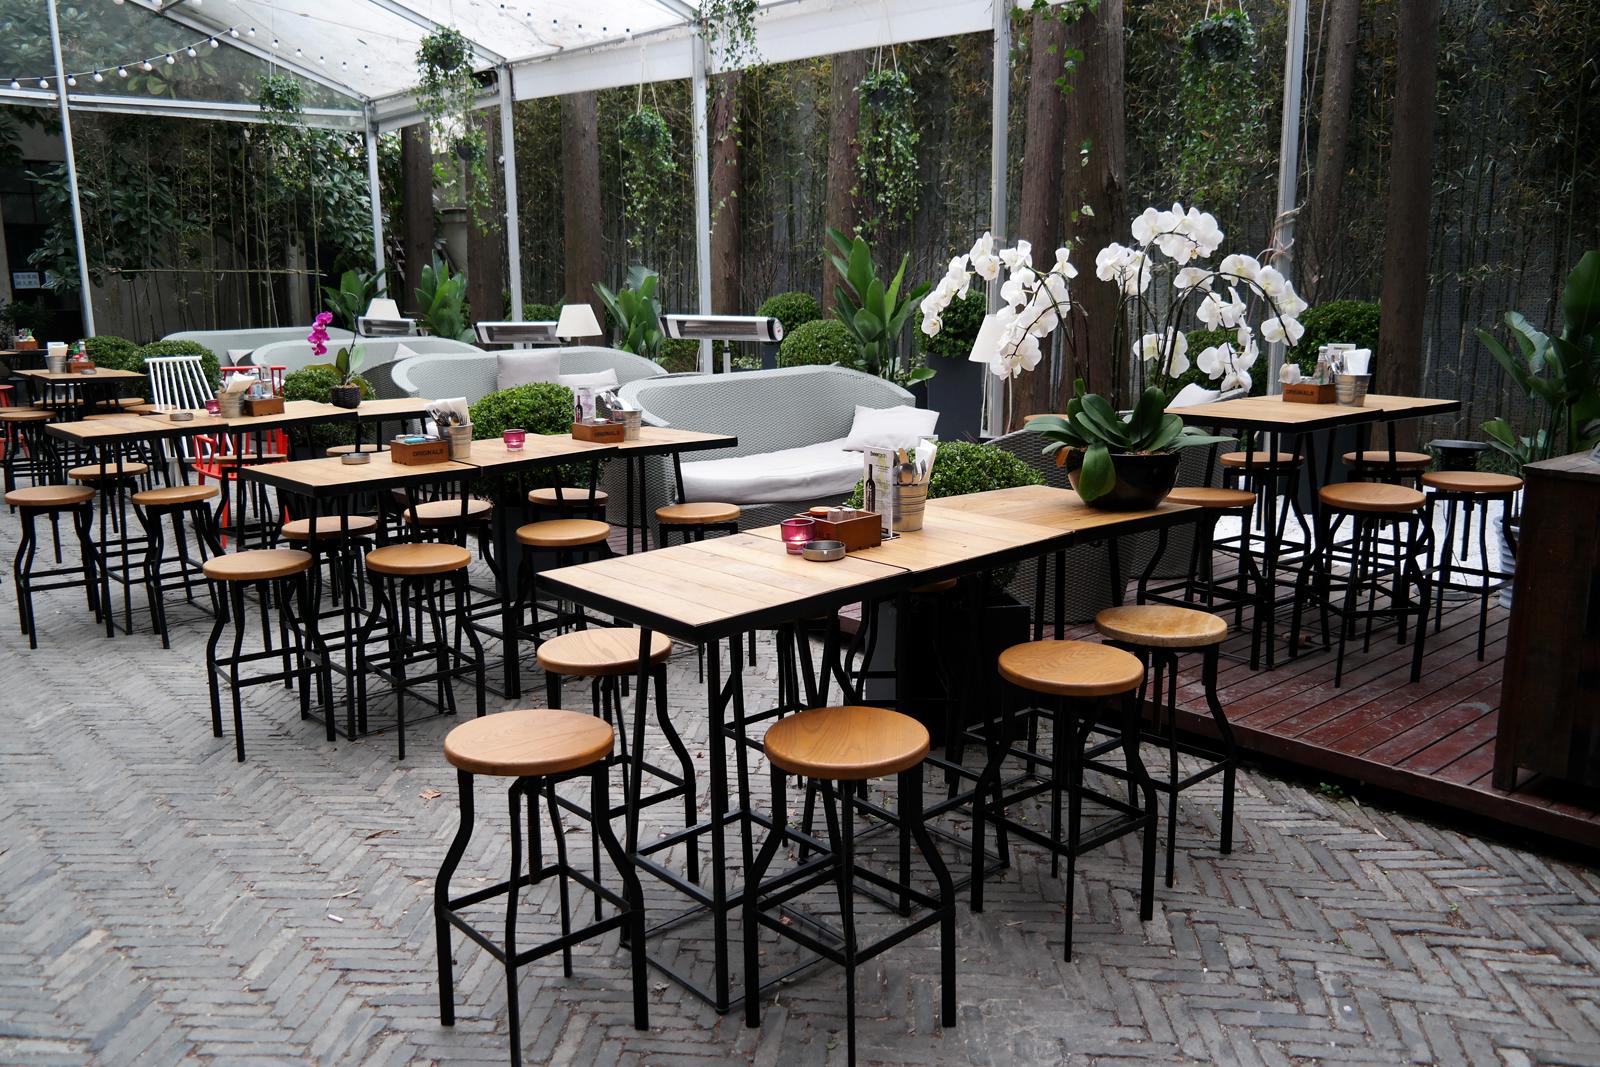 Urbn hotel shanghai nuit exceptionnelle dans un cadre for Tempting places